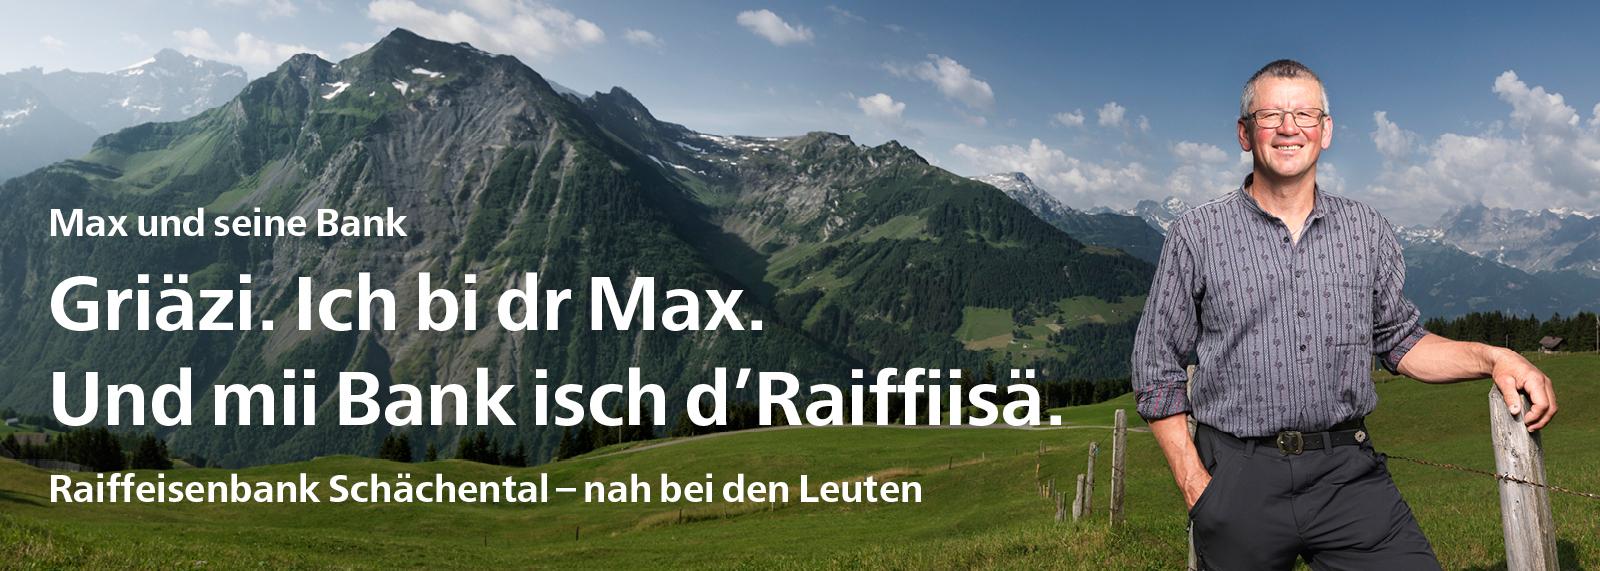 Die Delegierten der Raiffeisenbanken haben an der heutigen ausserordentlichen Delegiertenversammlung von Raiffeisen Schweiz Guy Lachappelle mit überwältigendem Mehr zum Verwaltungsratspräsidenten von Raiffeisen Schweiz gewählt.